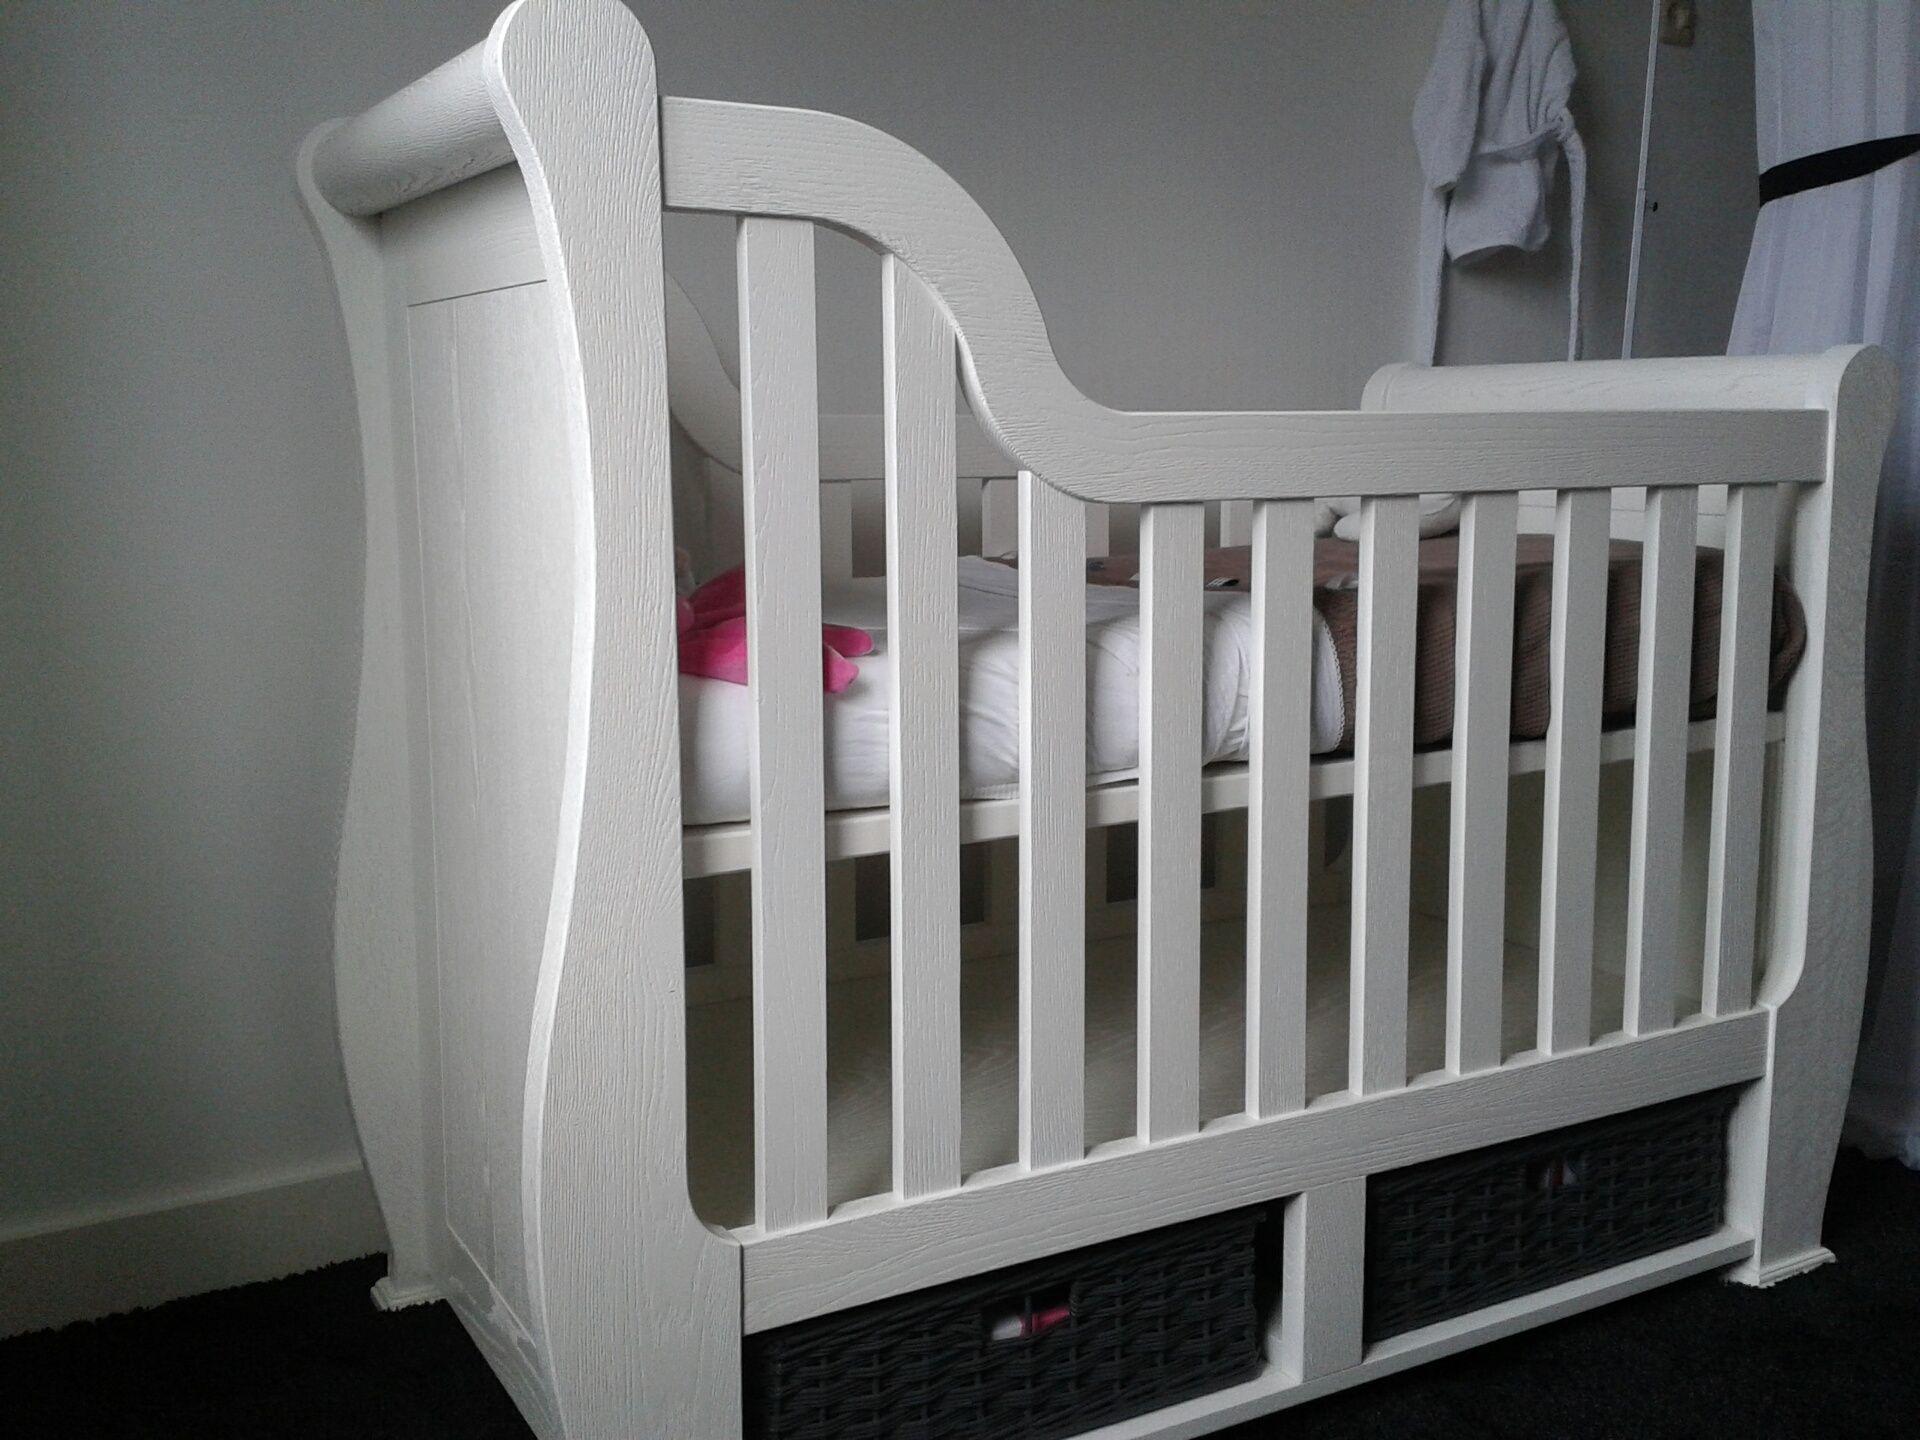 Baby Ledikant Maat.Baby Ledikant Babybed Bed Op Maat Landelijk Rieten Opberg Manden